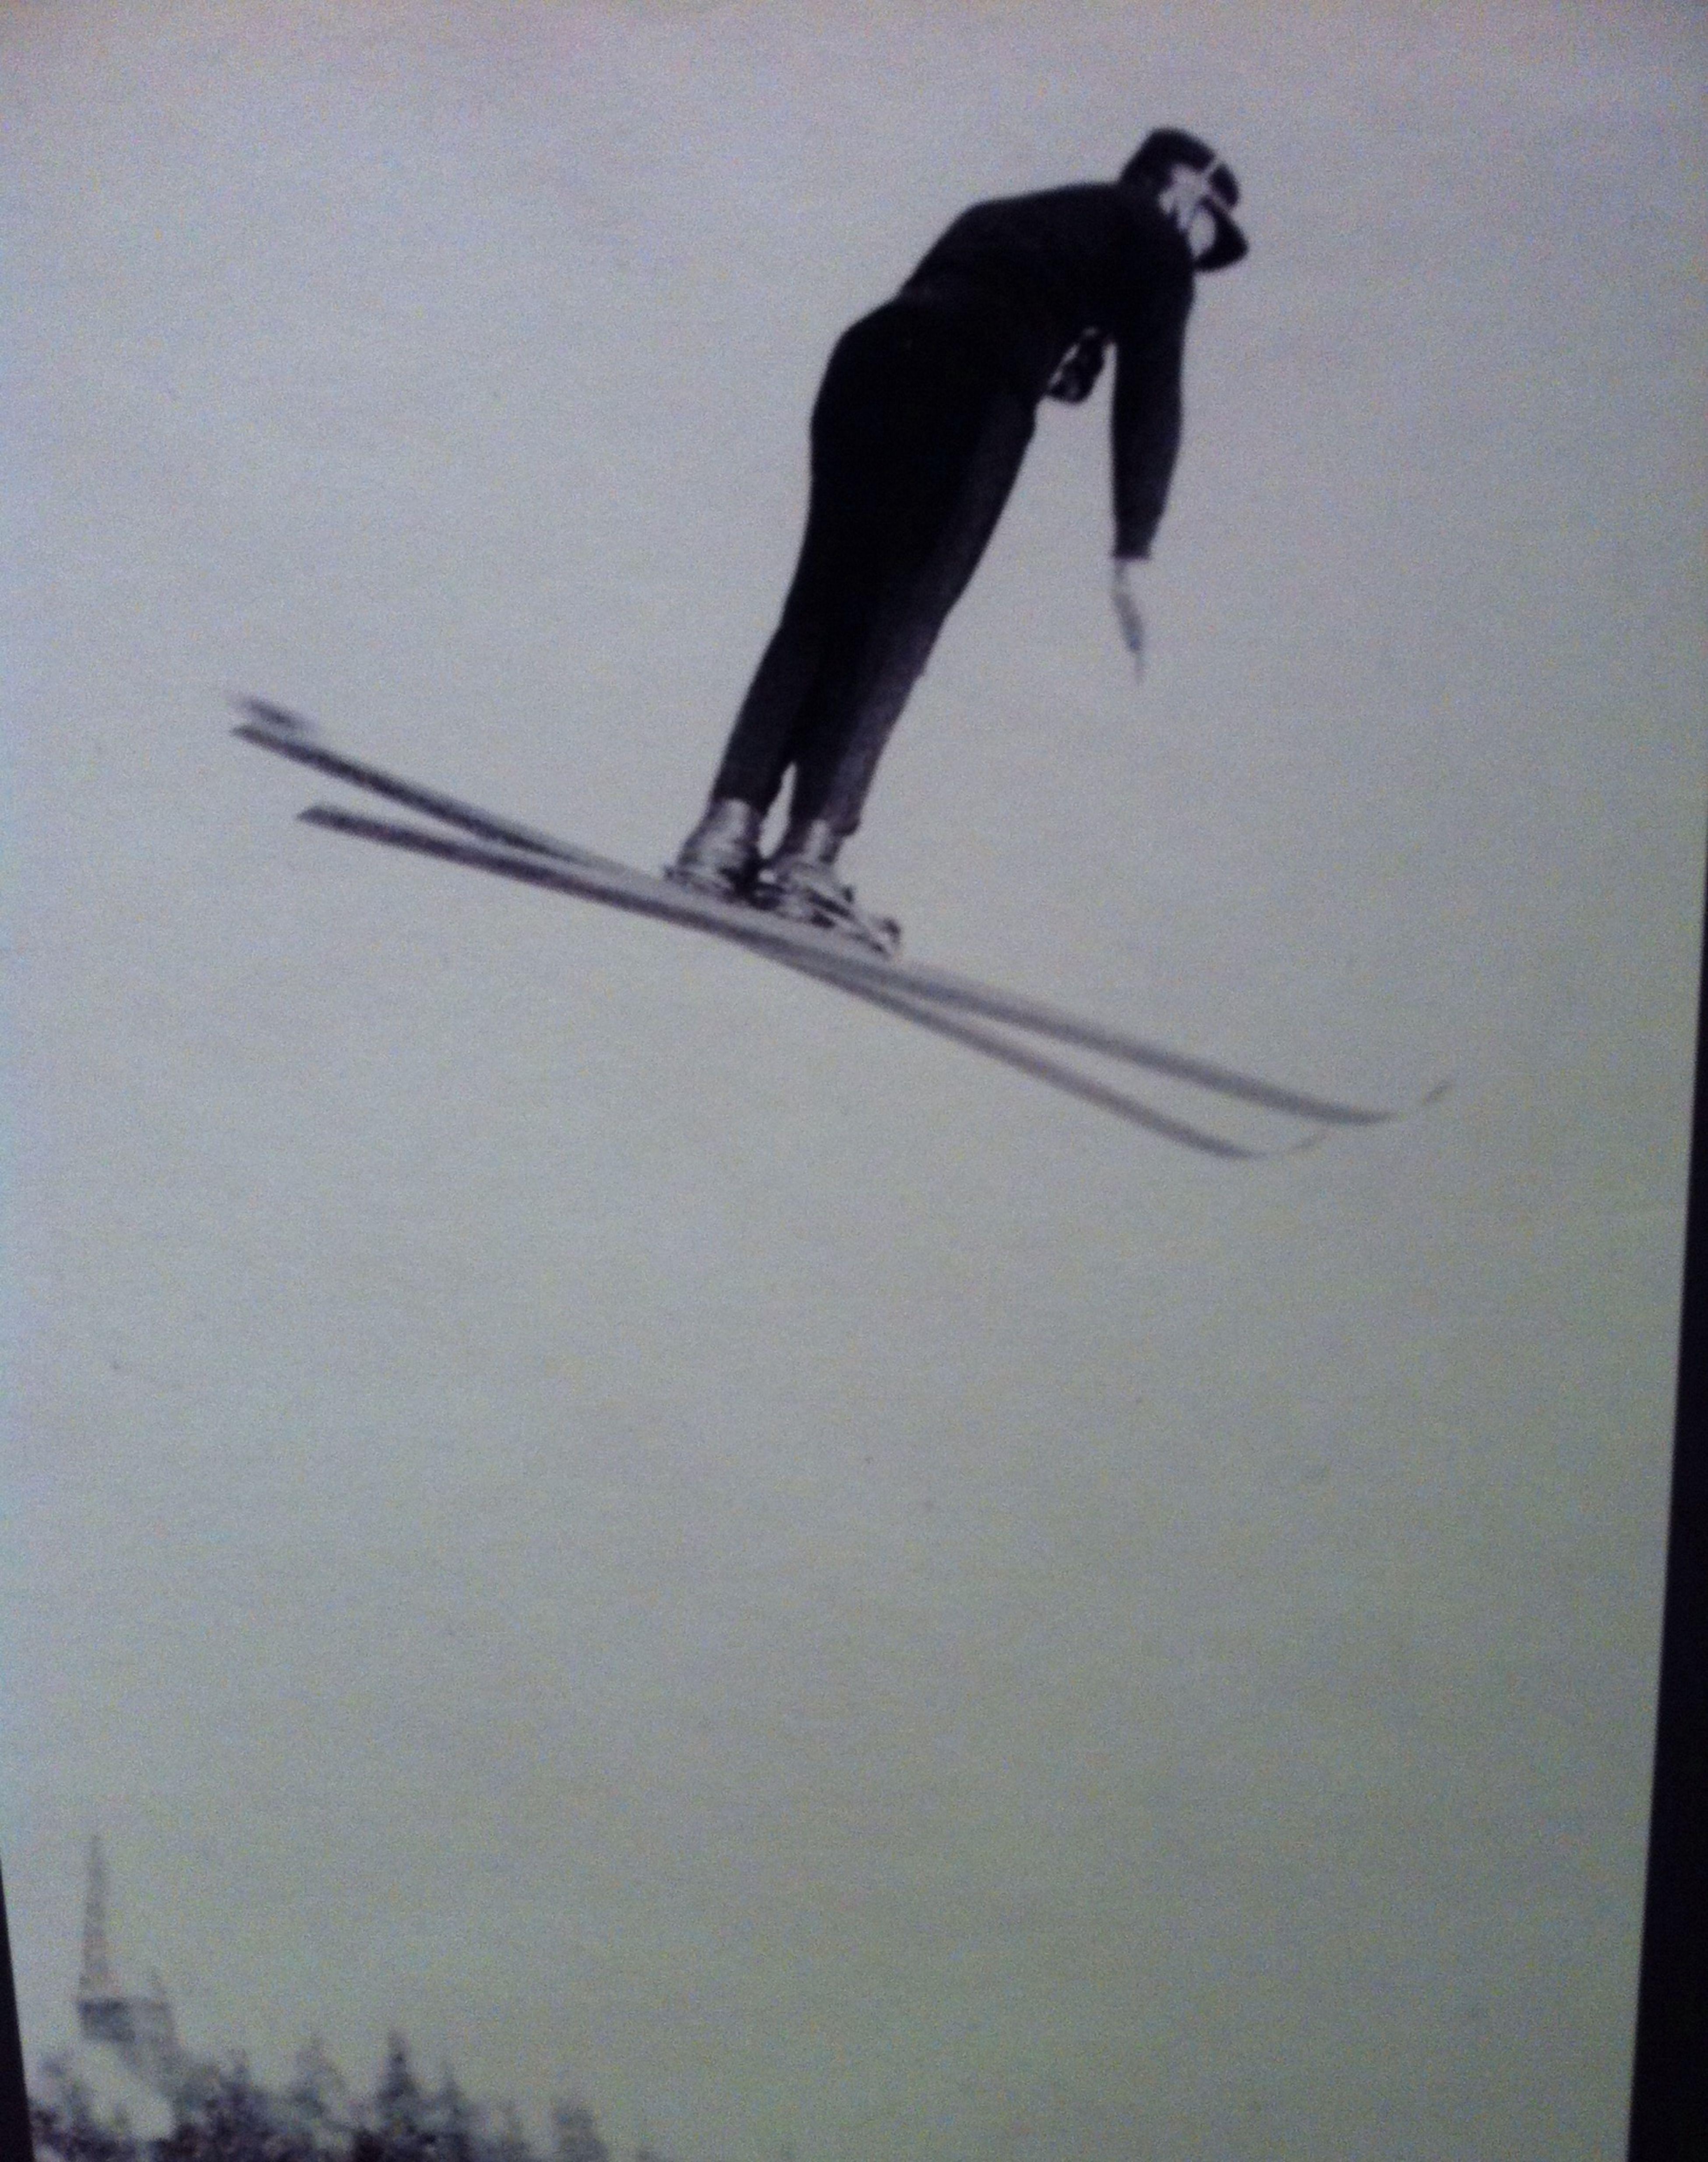 Ski jump at the museum